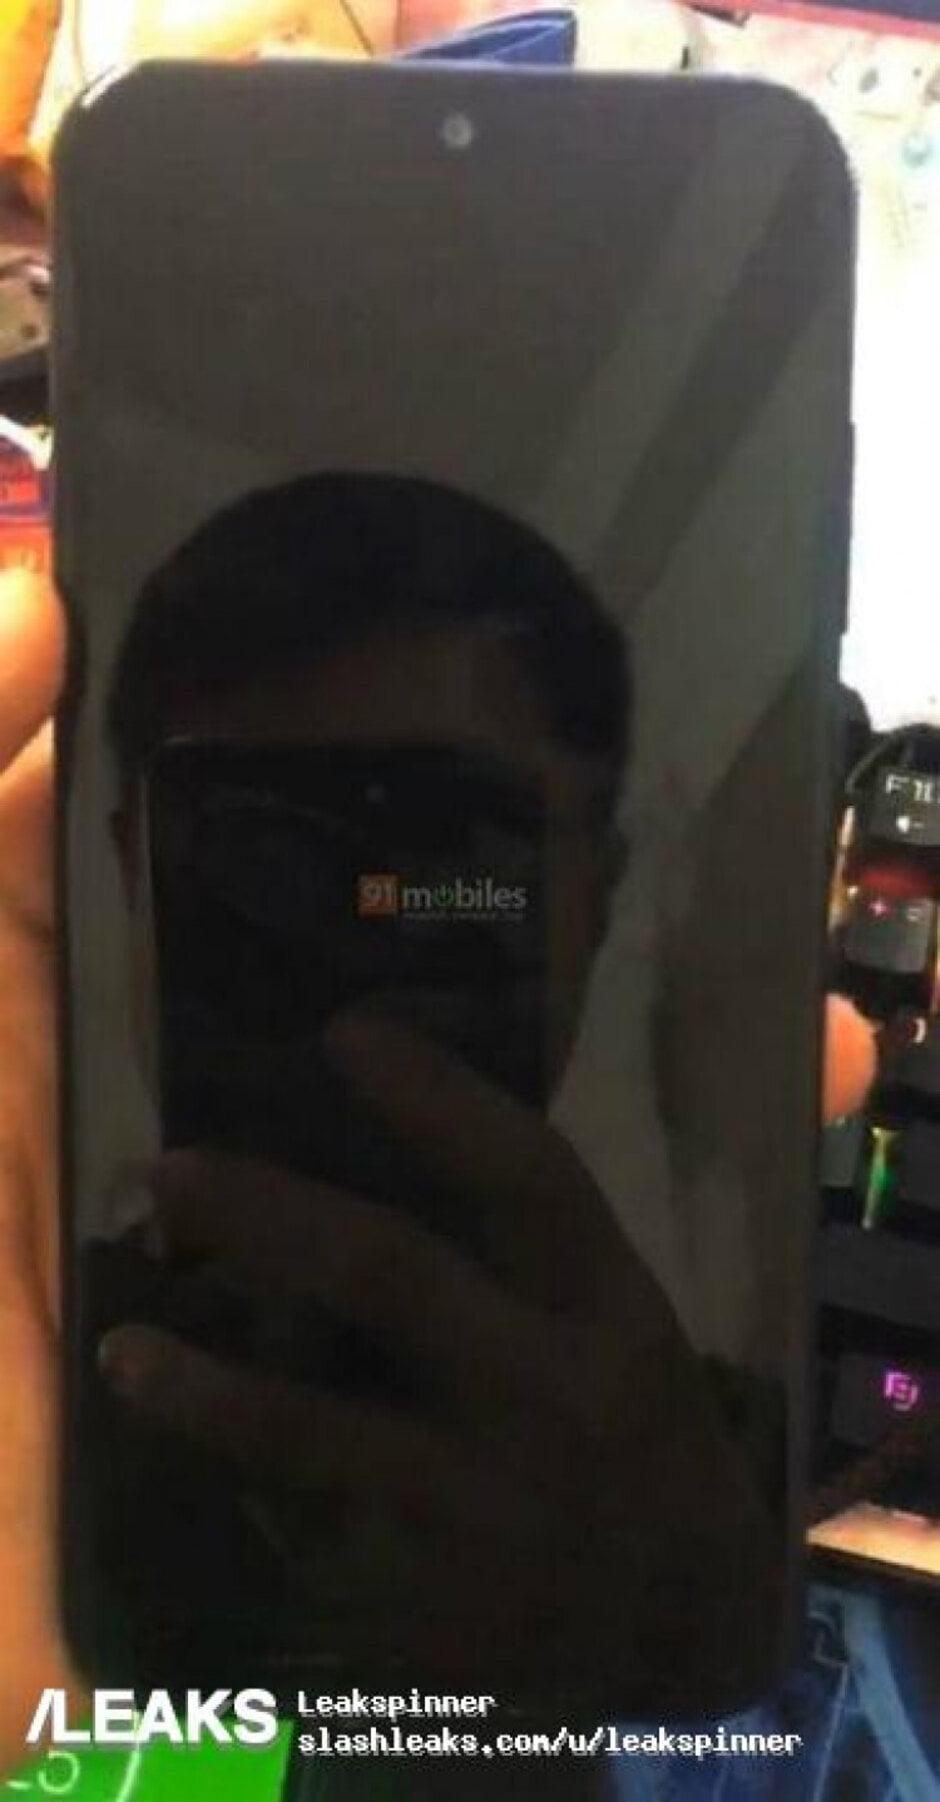 De Motorola Moto E7 Plus heeft zich voor het eerst laten vastleggen op foto's.